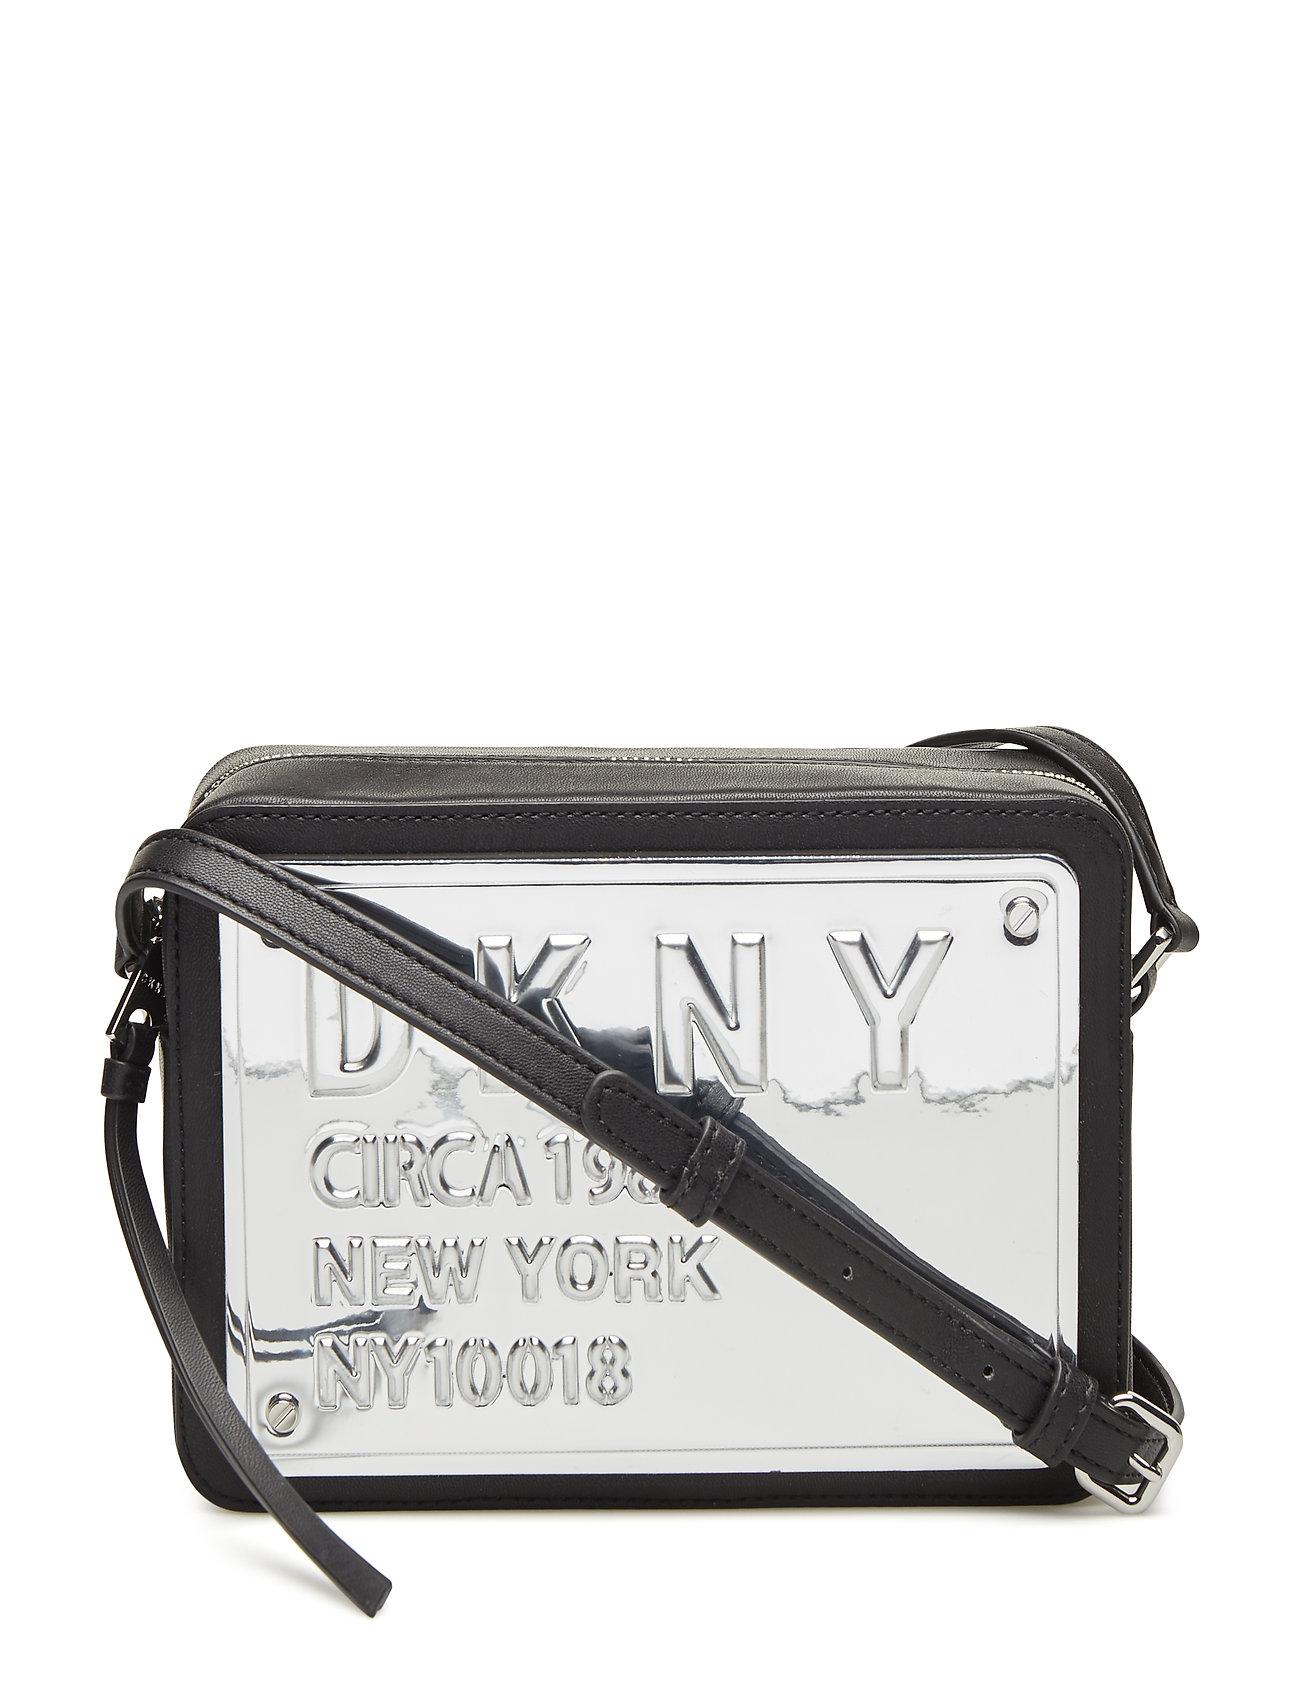 DKNY Bags 10018 PU